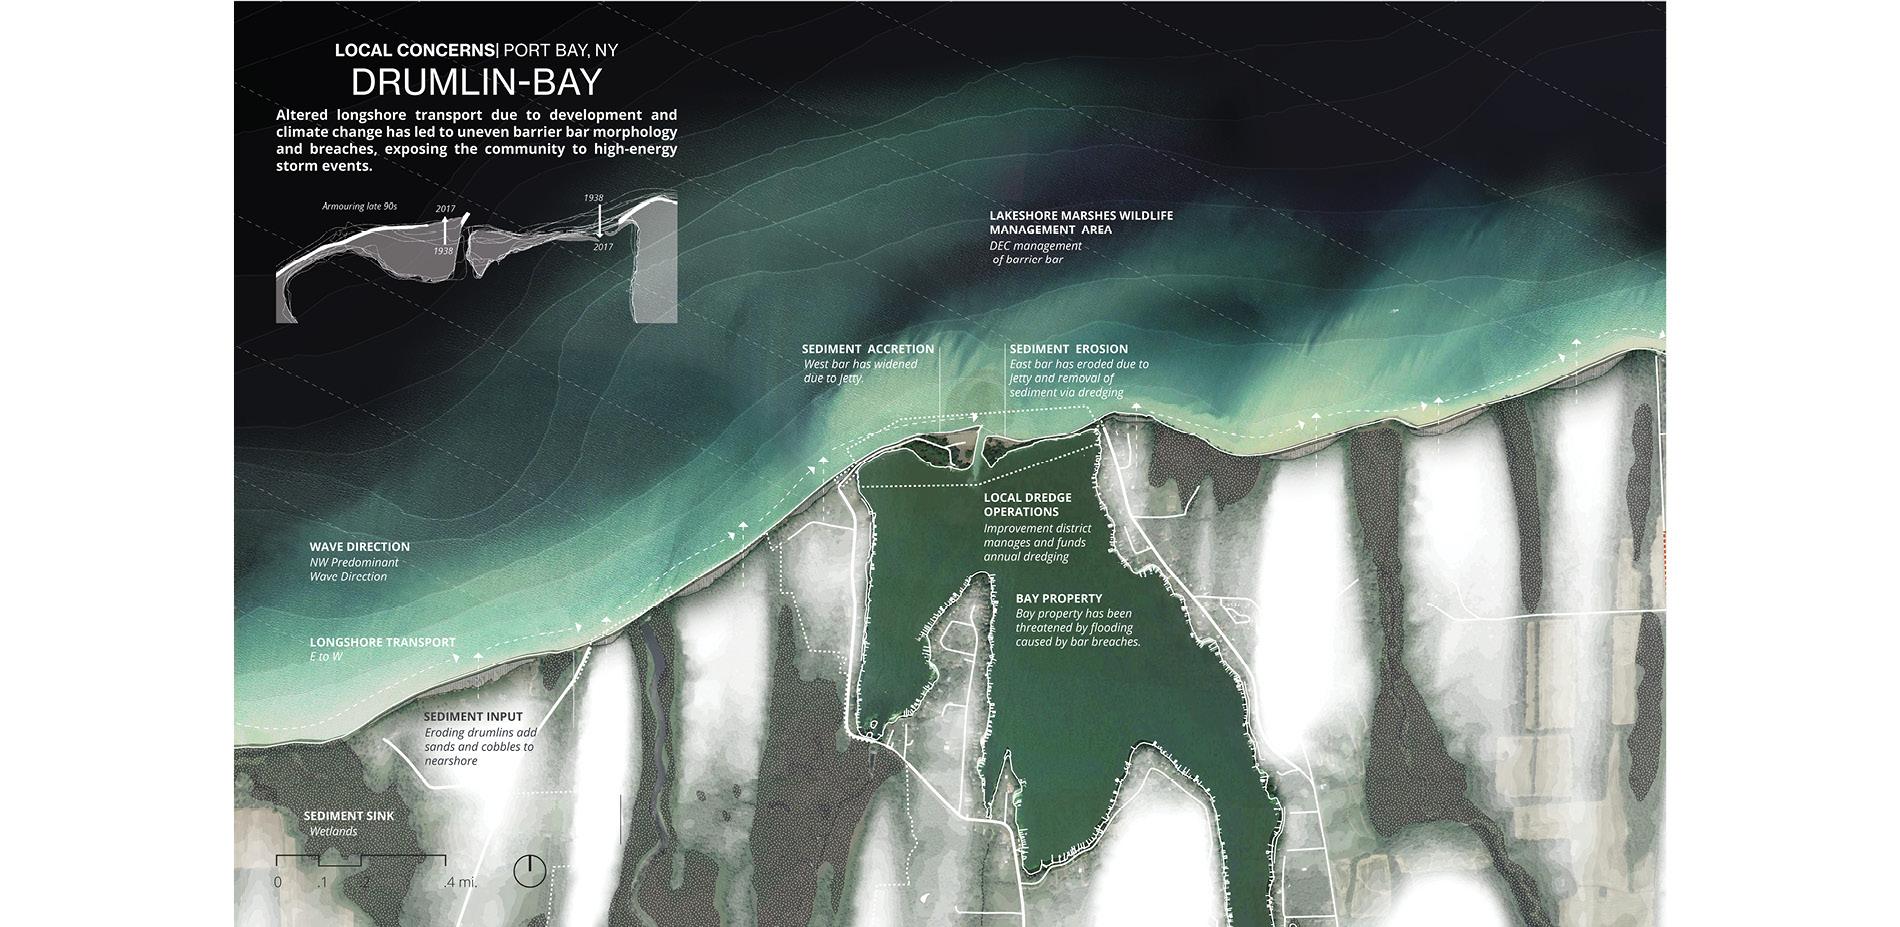 Drumlin Bay Complex: Local Conditions